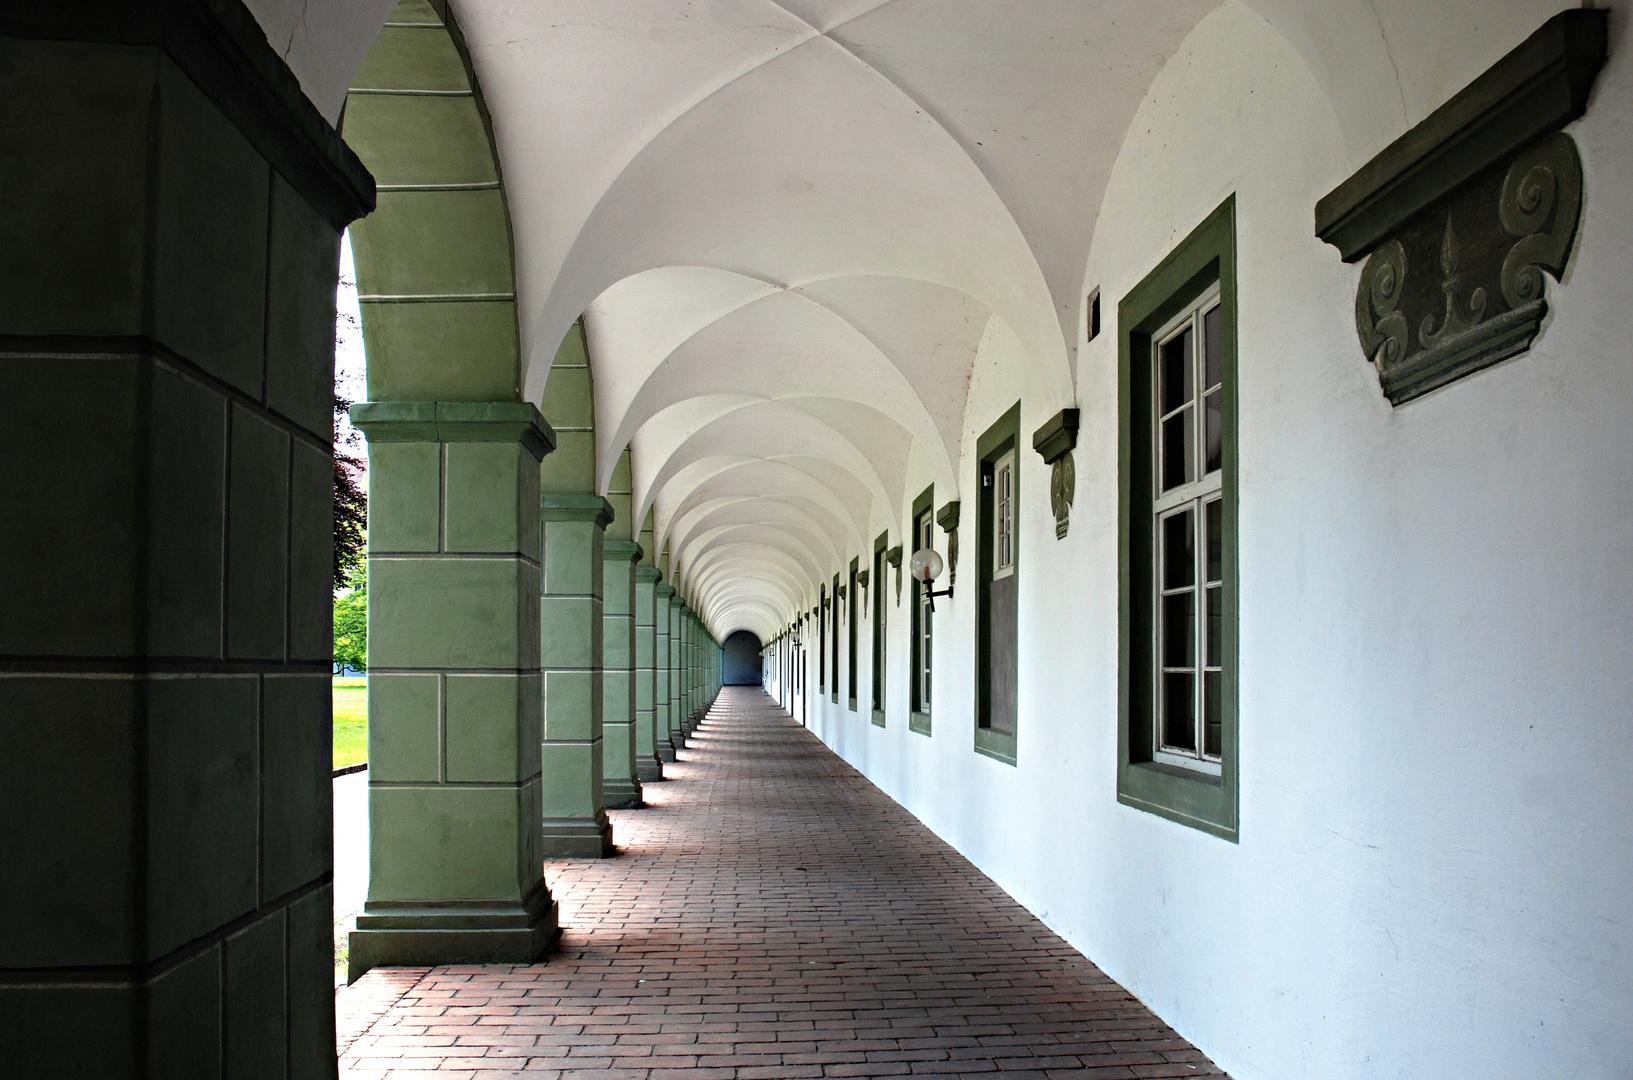 Der Säulengang im Innenhof des Klosters Benediktbeuern